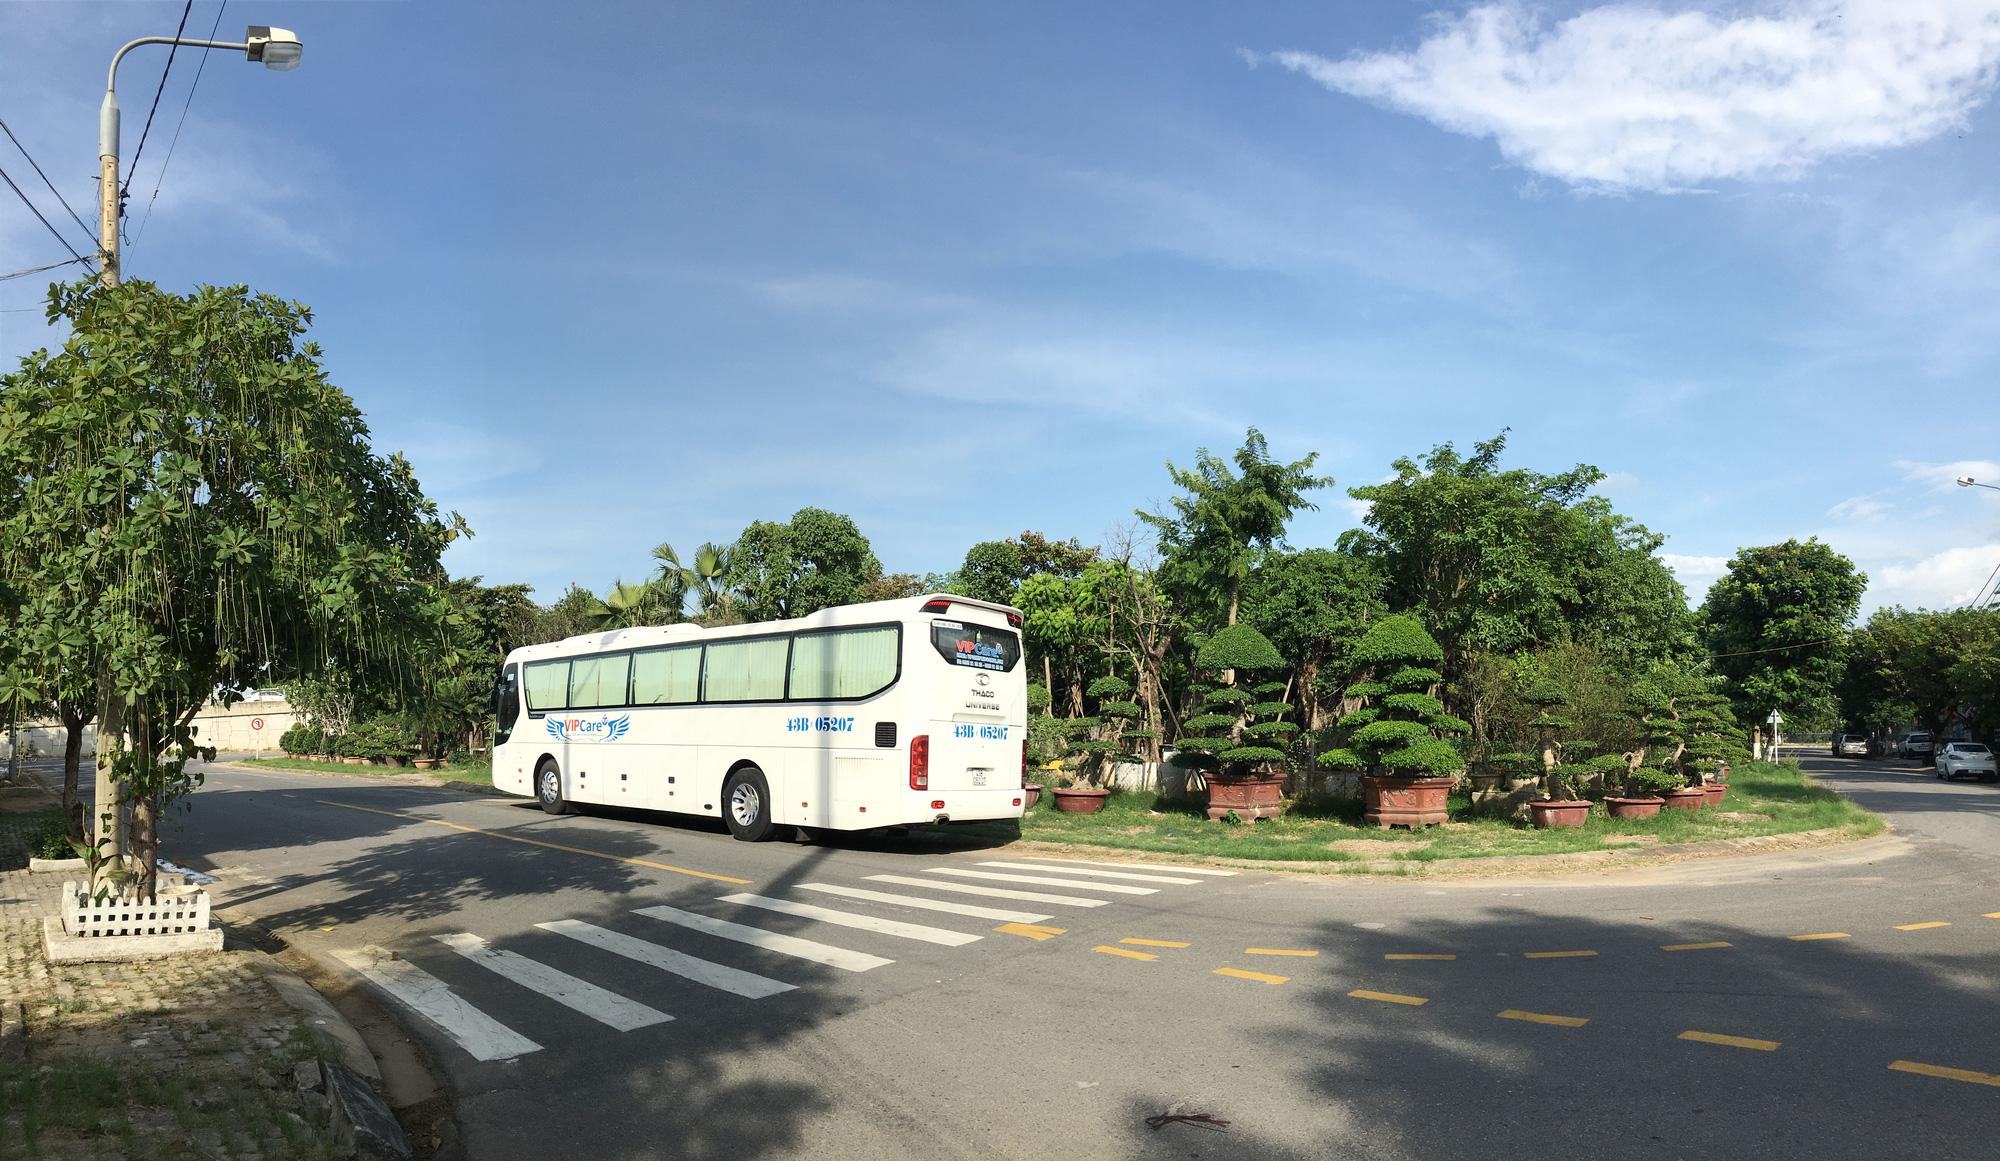 Cận cảnh hai khu đất ở quận Cẩm Lệ, Đà Nẵng sẽ đấu giá làm bãi đỗ xe - Ảnh 6.